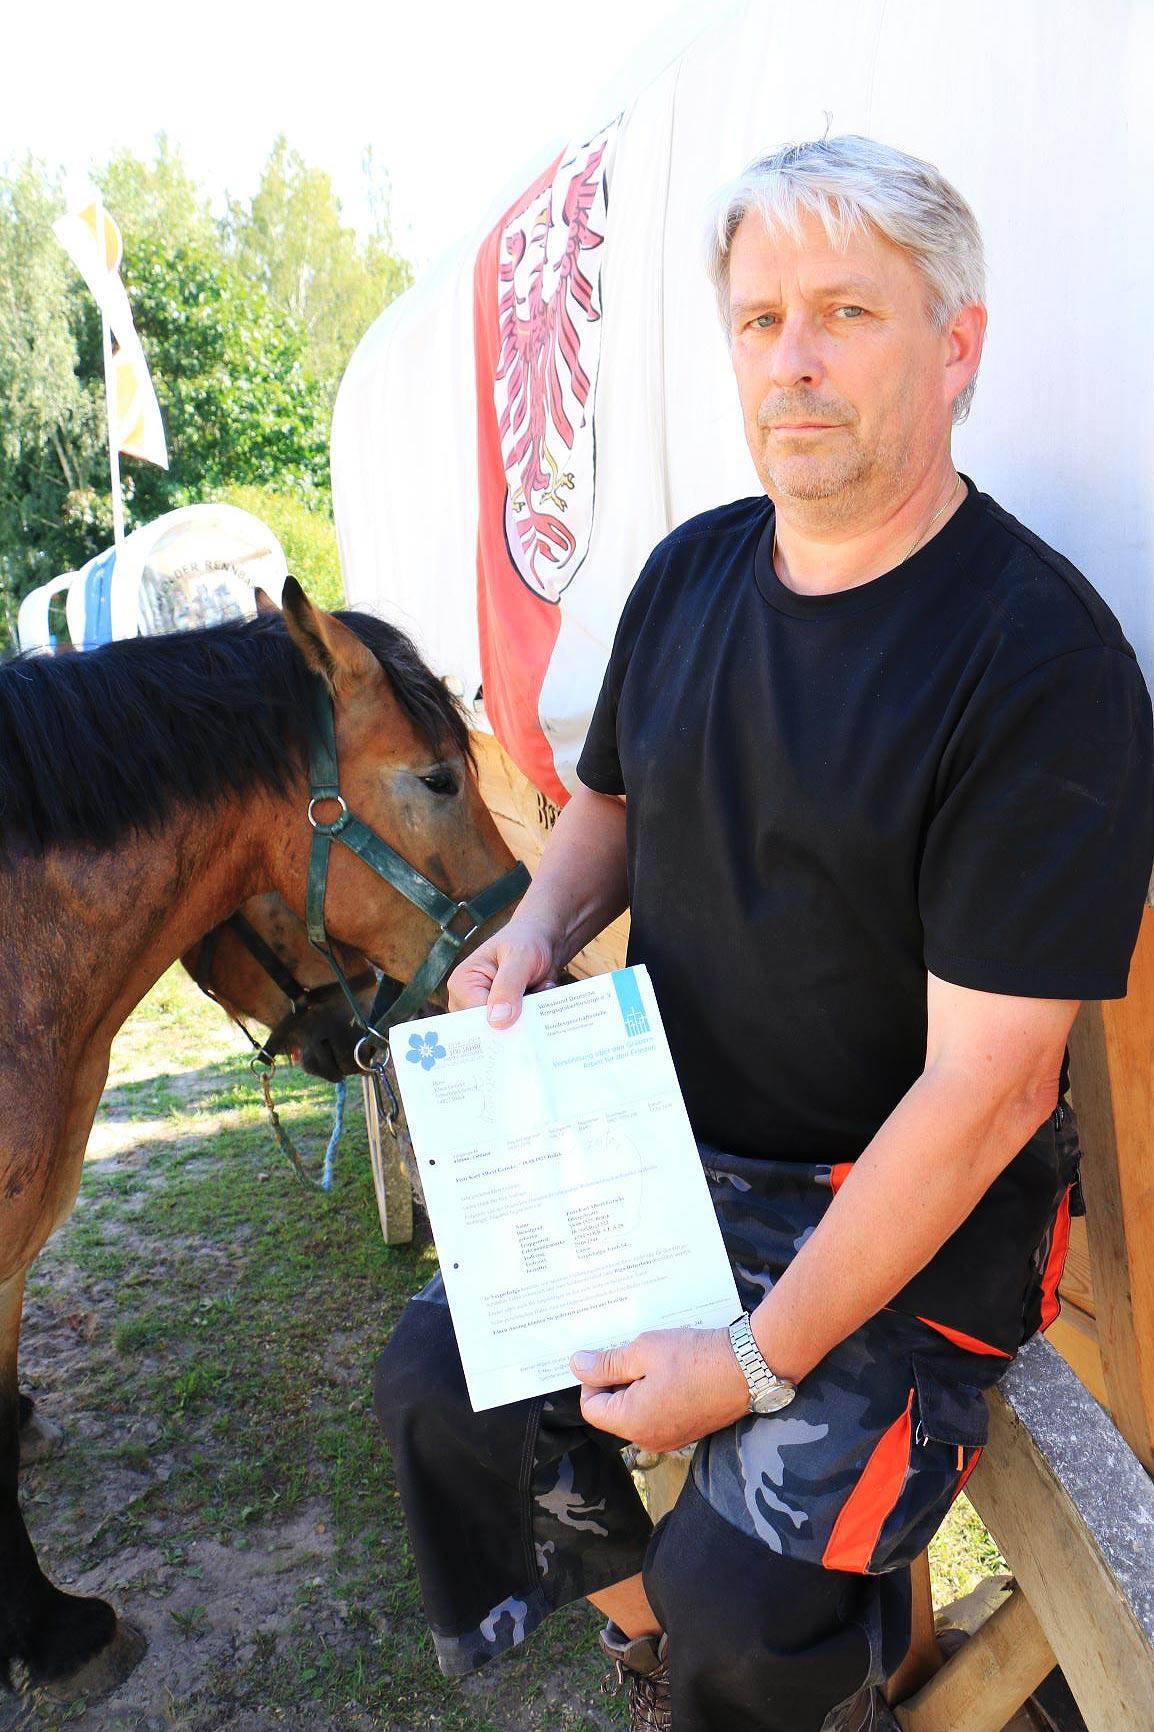 Klaus Gericke mit Schreiben von der Kriegsgräberfürsorge - Titanen on tour